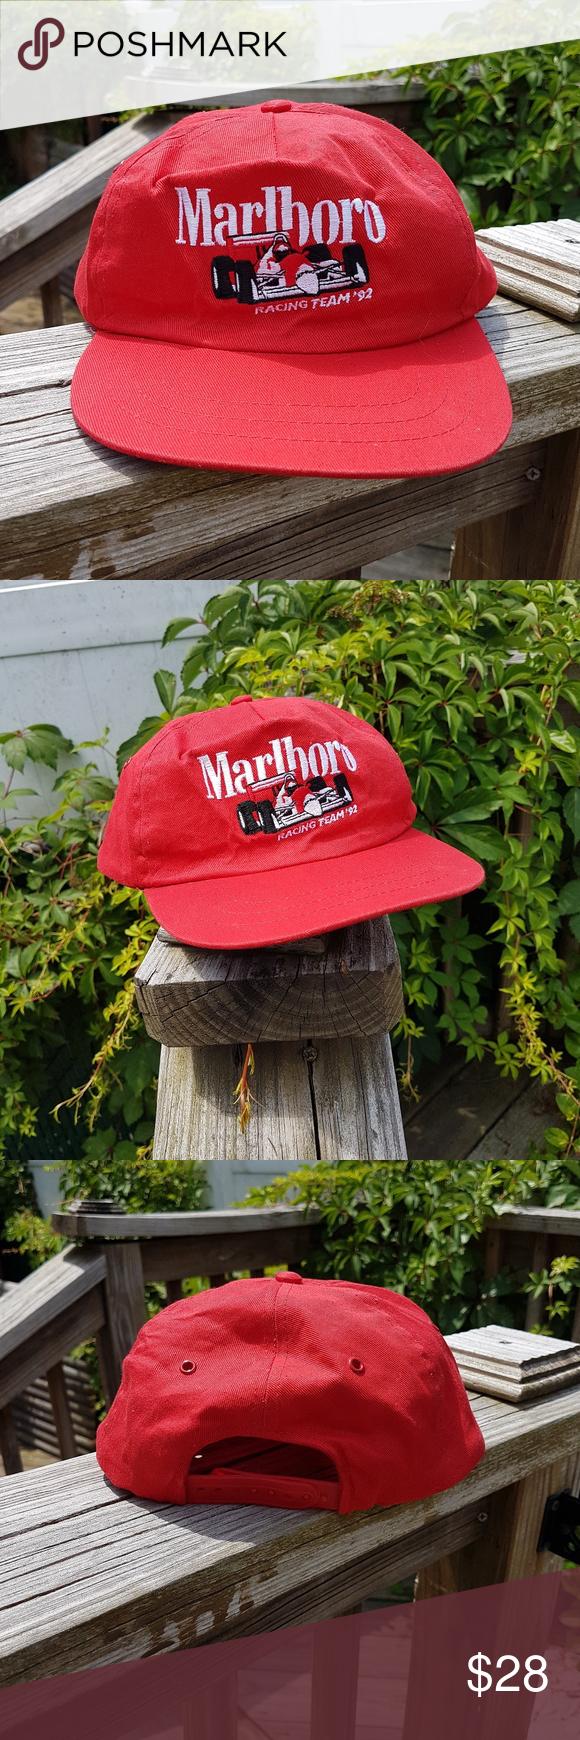 9c9f382f28512 Vintage 90s Marlboro Cigarettes Racing Dad Hat Red Marlboro Cigarettes  Vintage 90 s Red Hat Snapback adjustable Pre owned in good condition  Marlboro ...